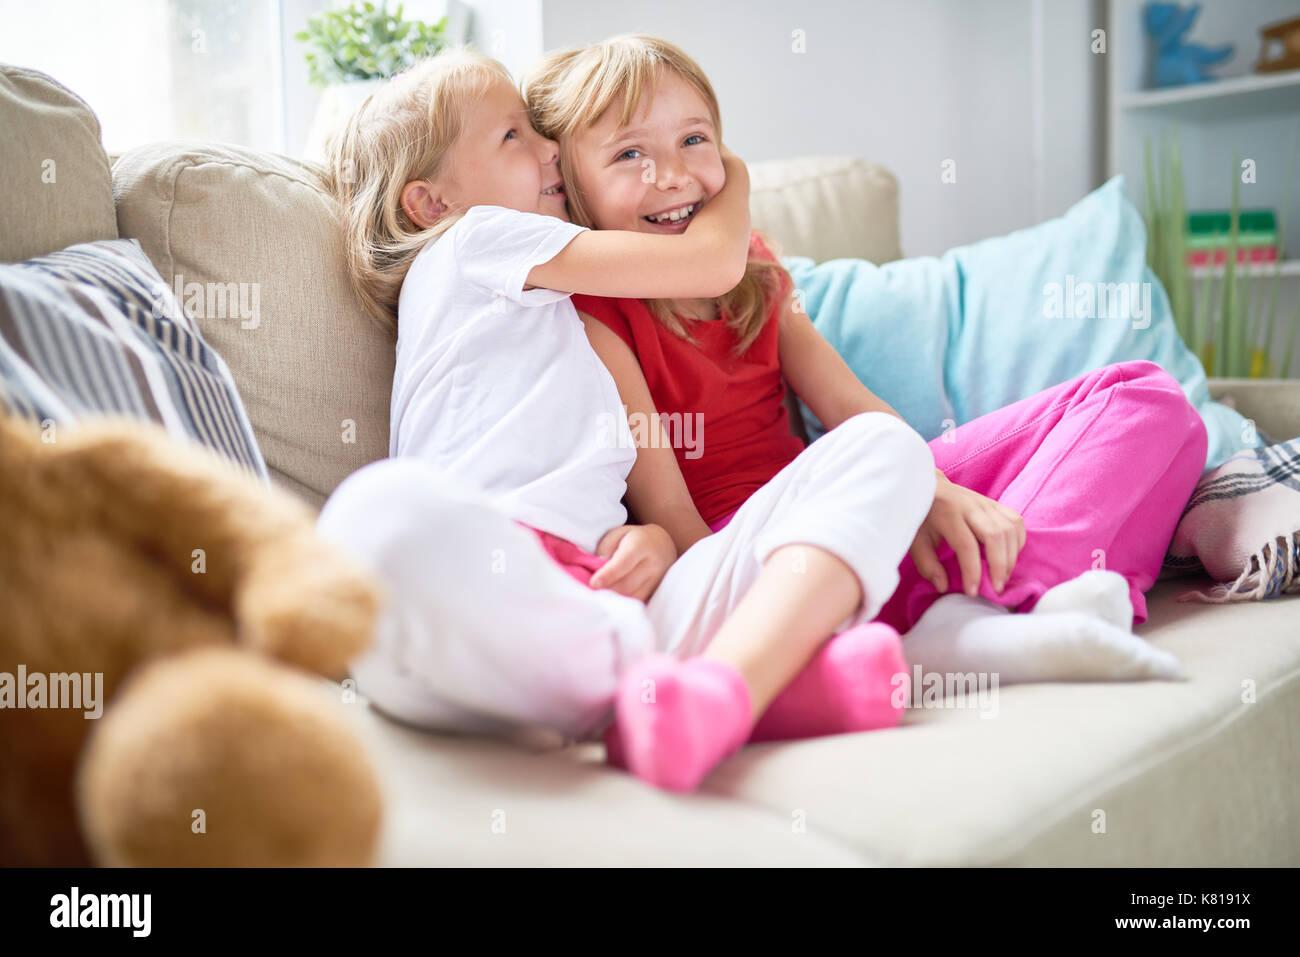 Süße blonde Mädchen im Geheimen mit ihrem Lächeln ältere Schwester beim verbringen Wochenende zusammen im gemütlichen Wohnzimmer Stockbild